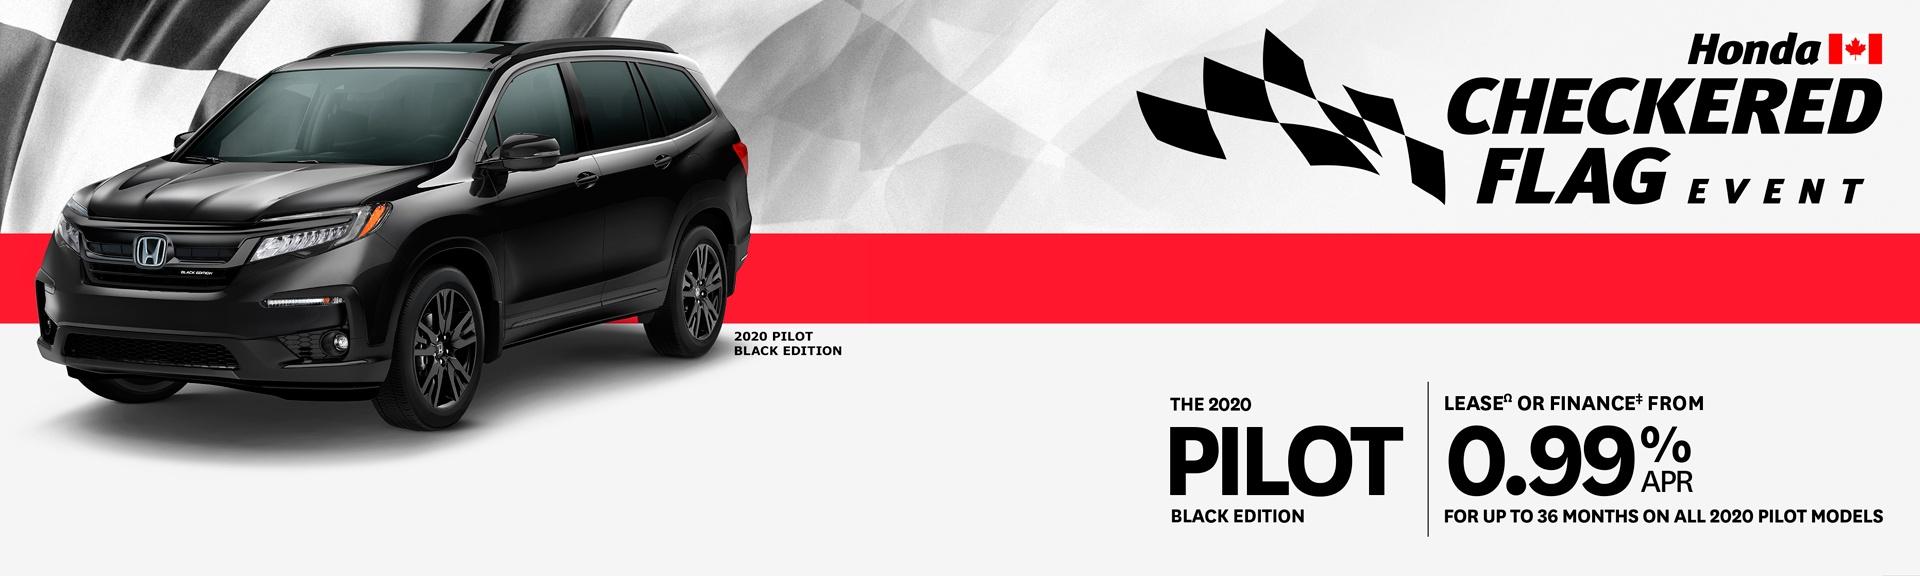 2020-Honda-Pilot